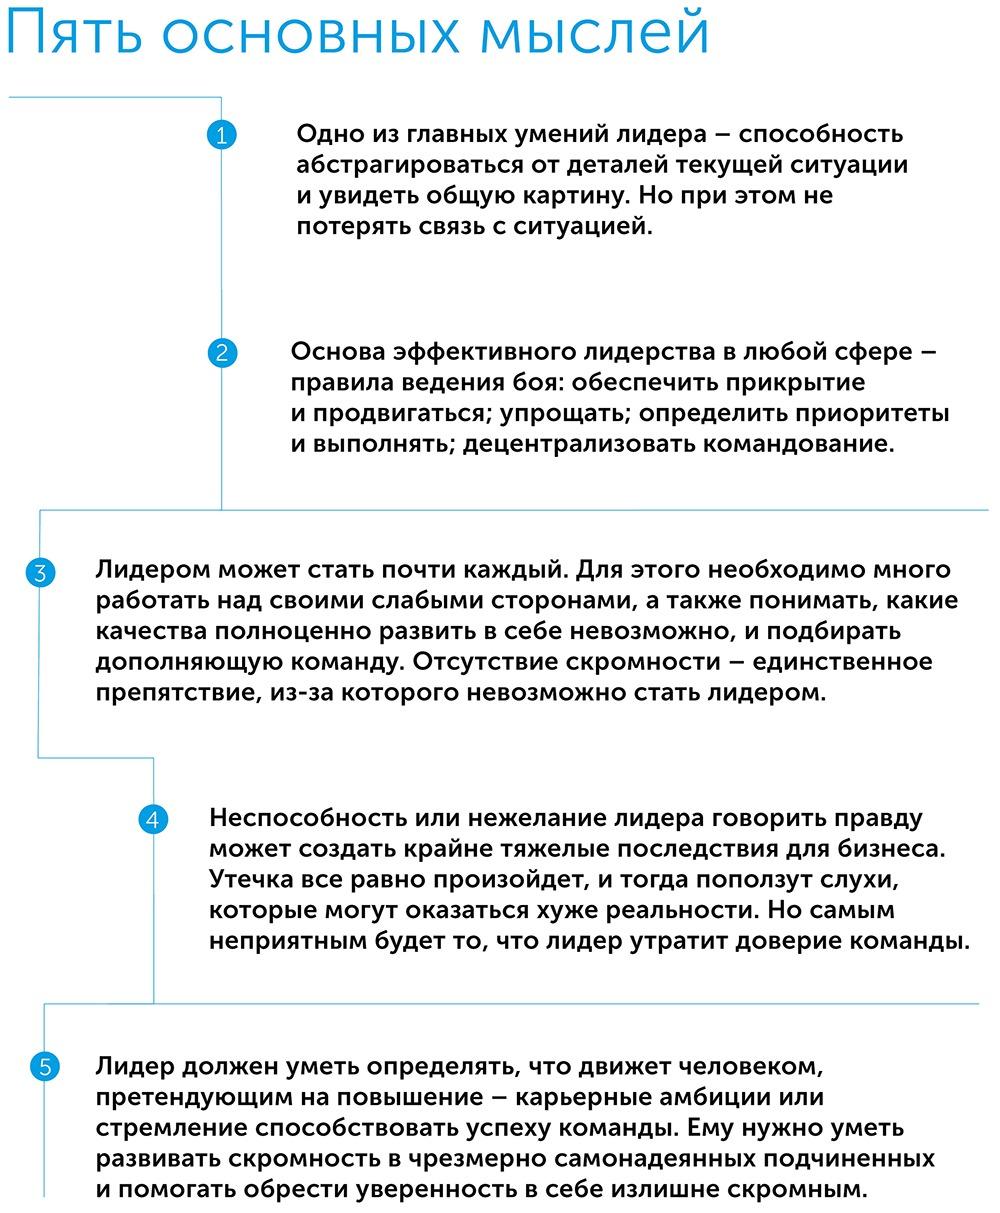 Стратегия и тактика лидерства, автор Джоко Виллинк | Kyivstar Business Hub, изображение №2